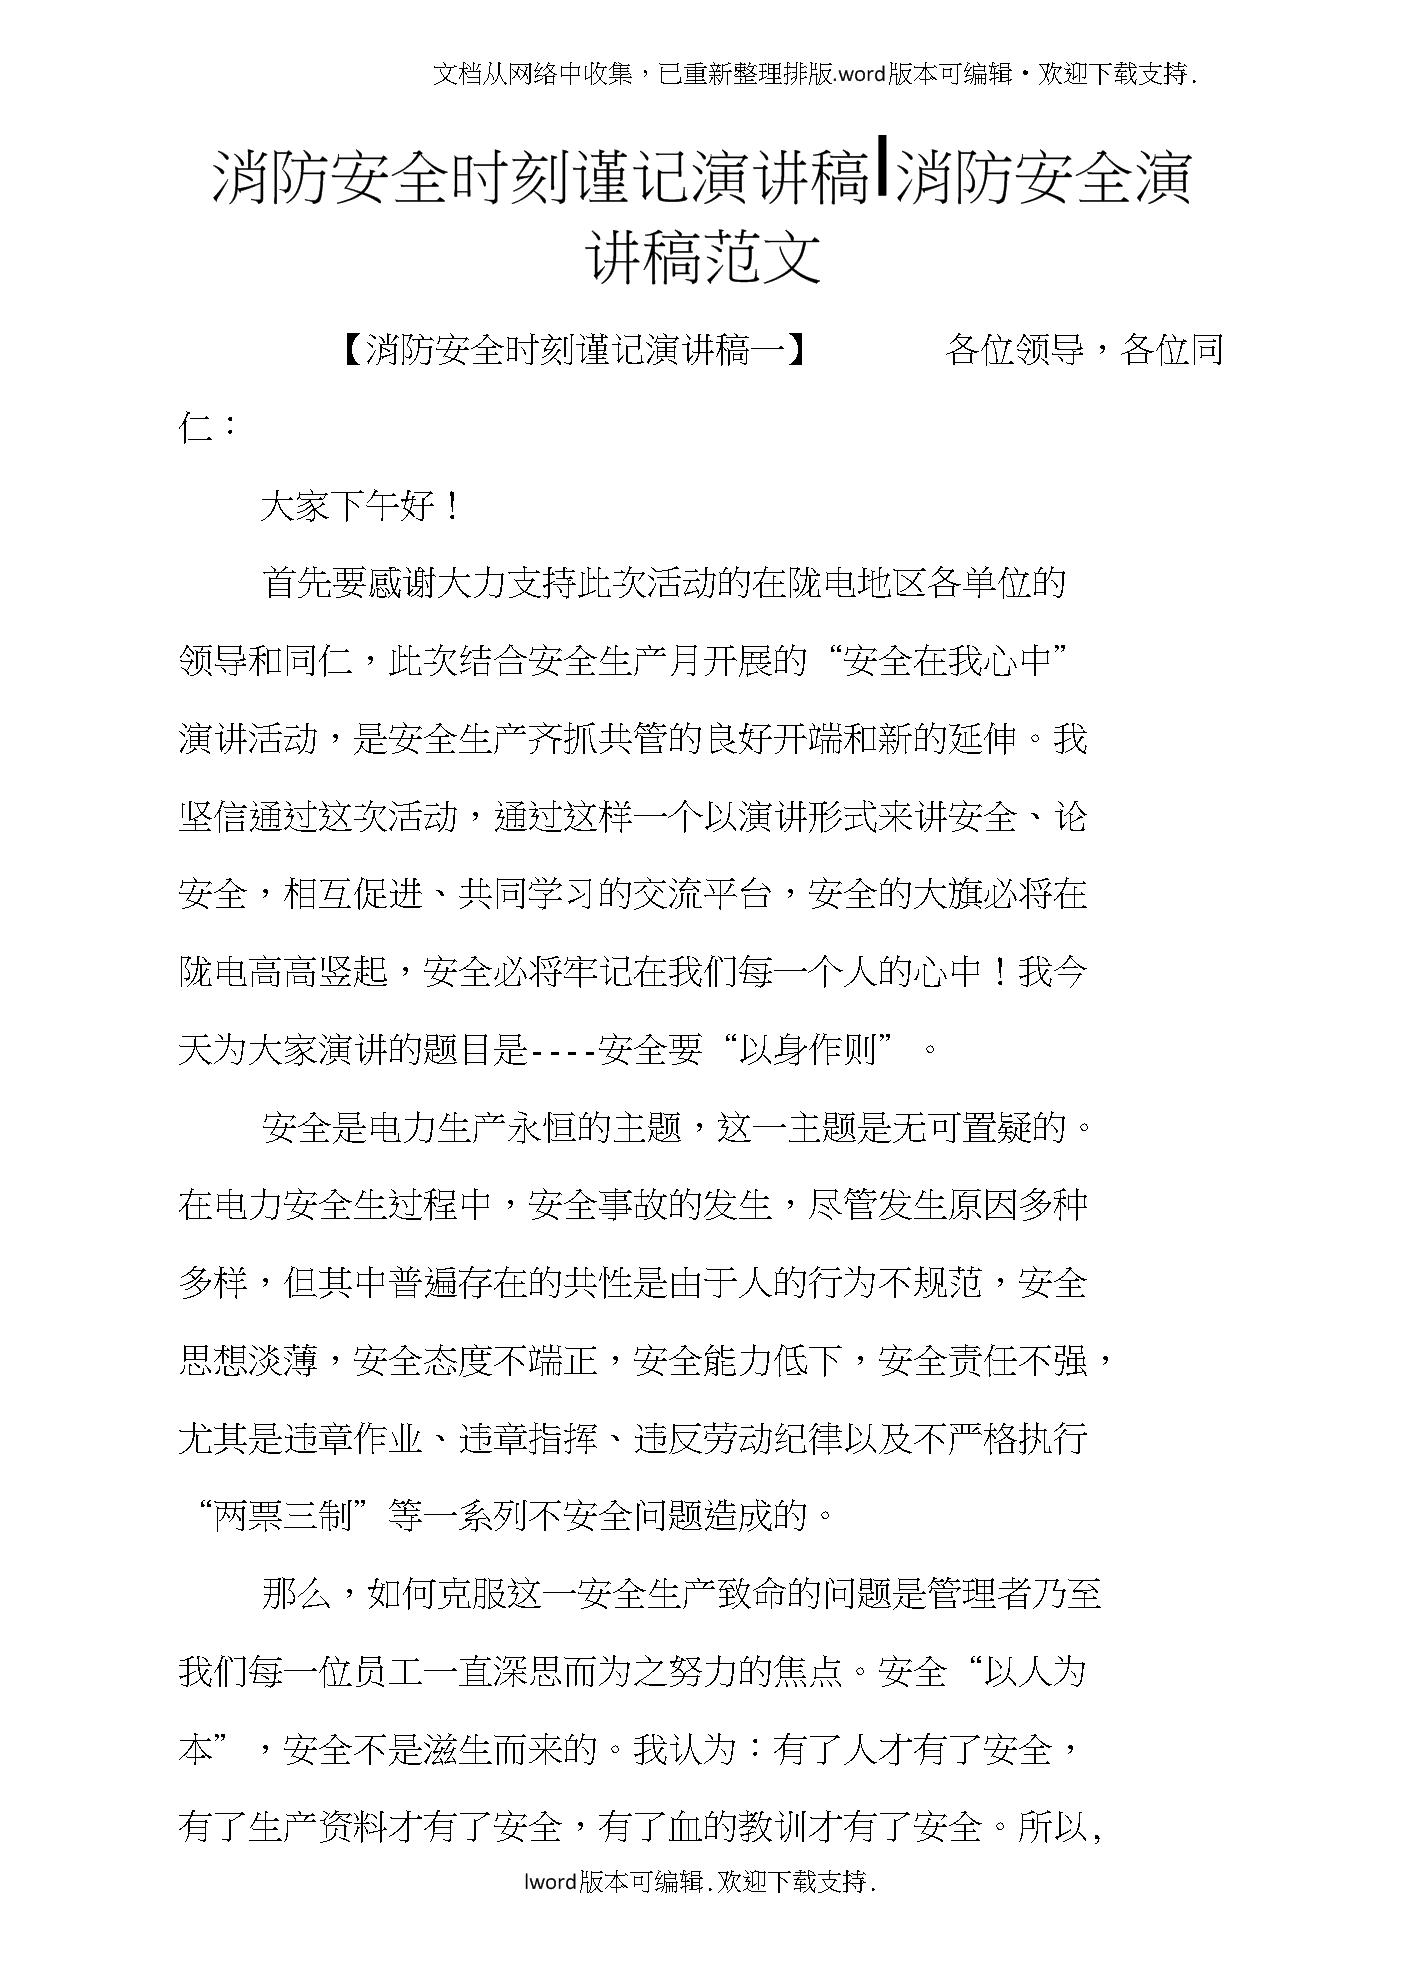 消防安全时刻谨记演讲稿-消防安全演讲稿范文.docx